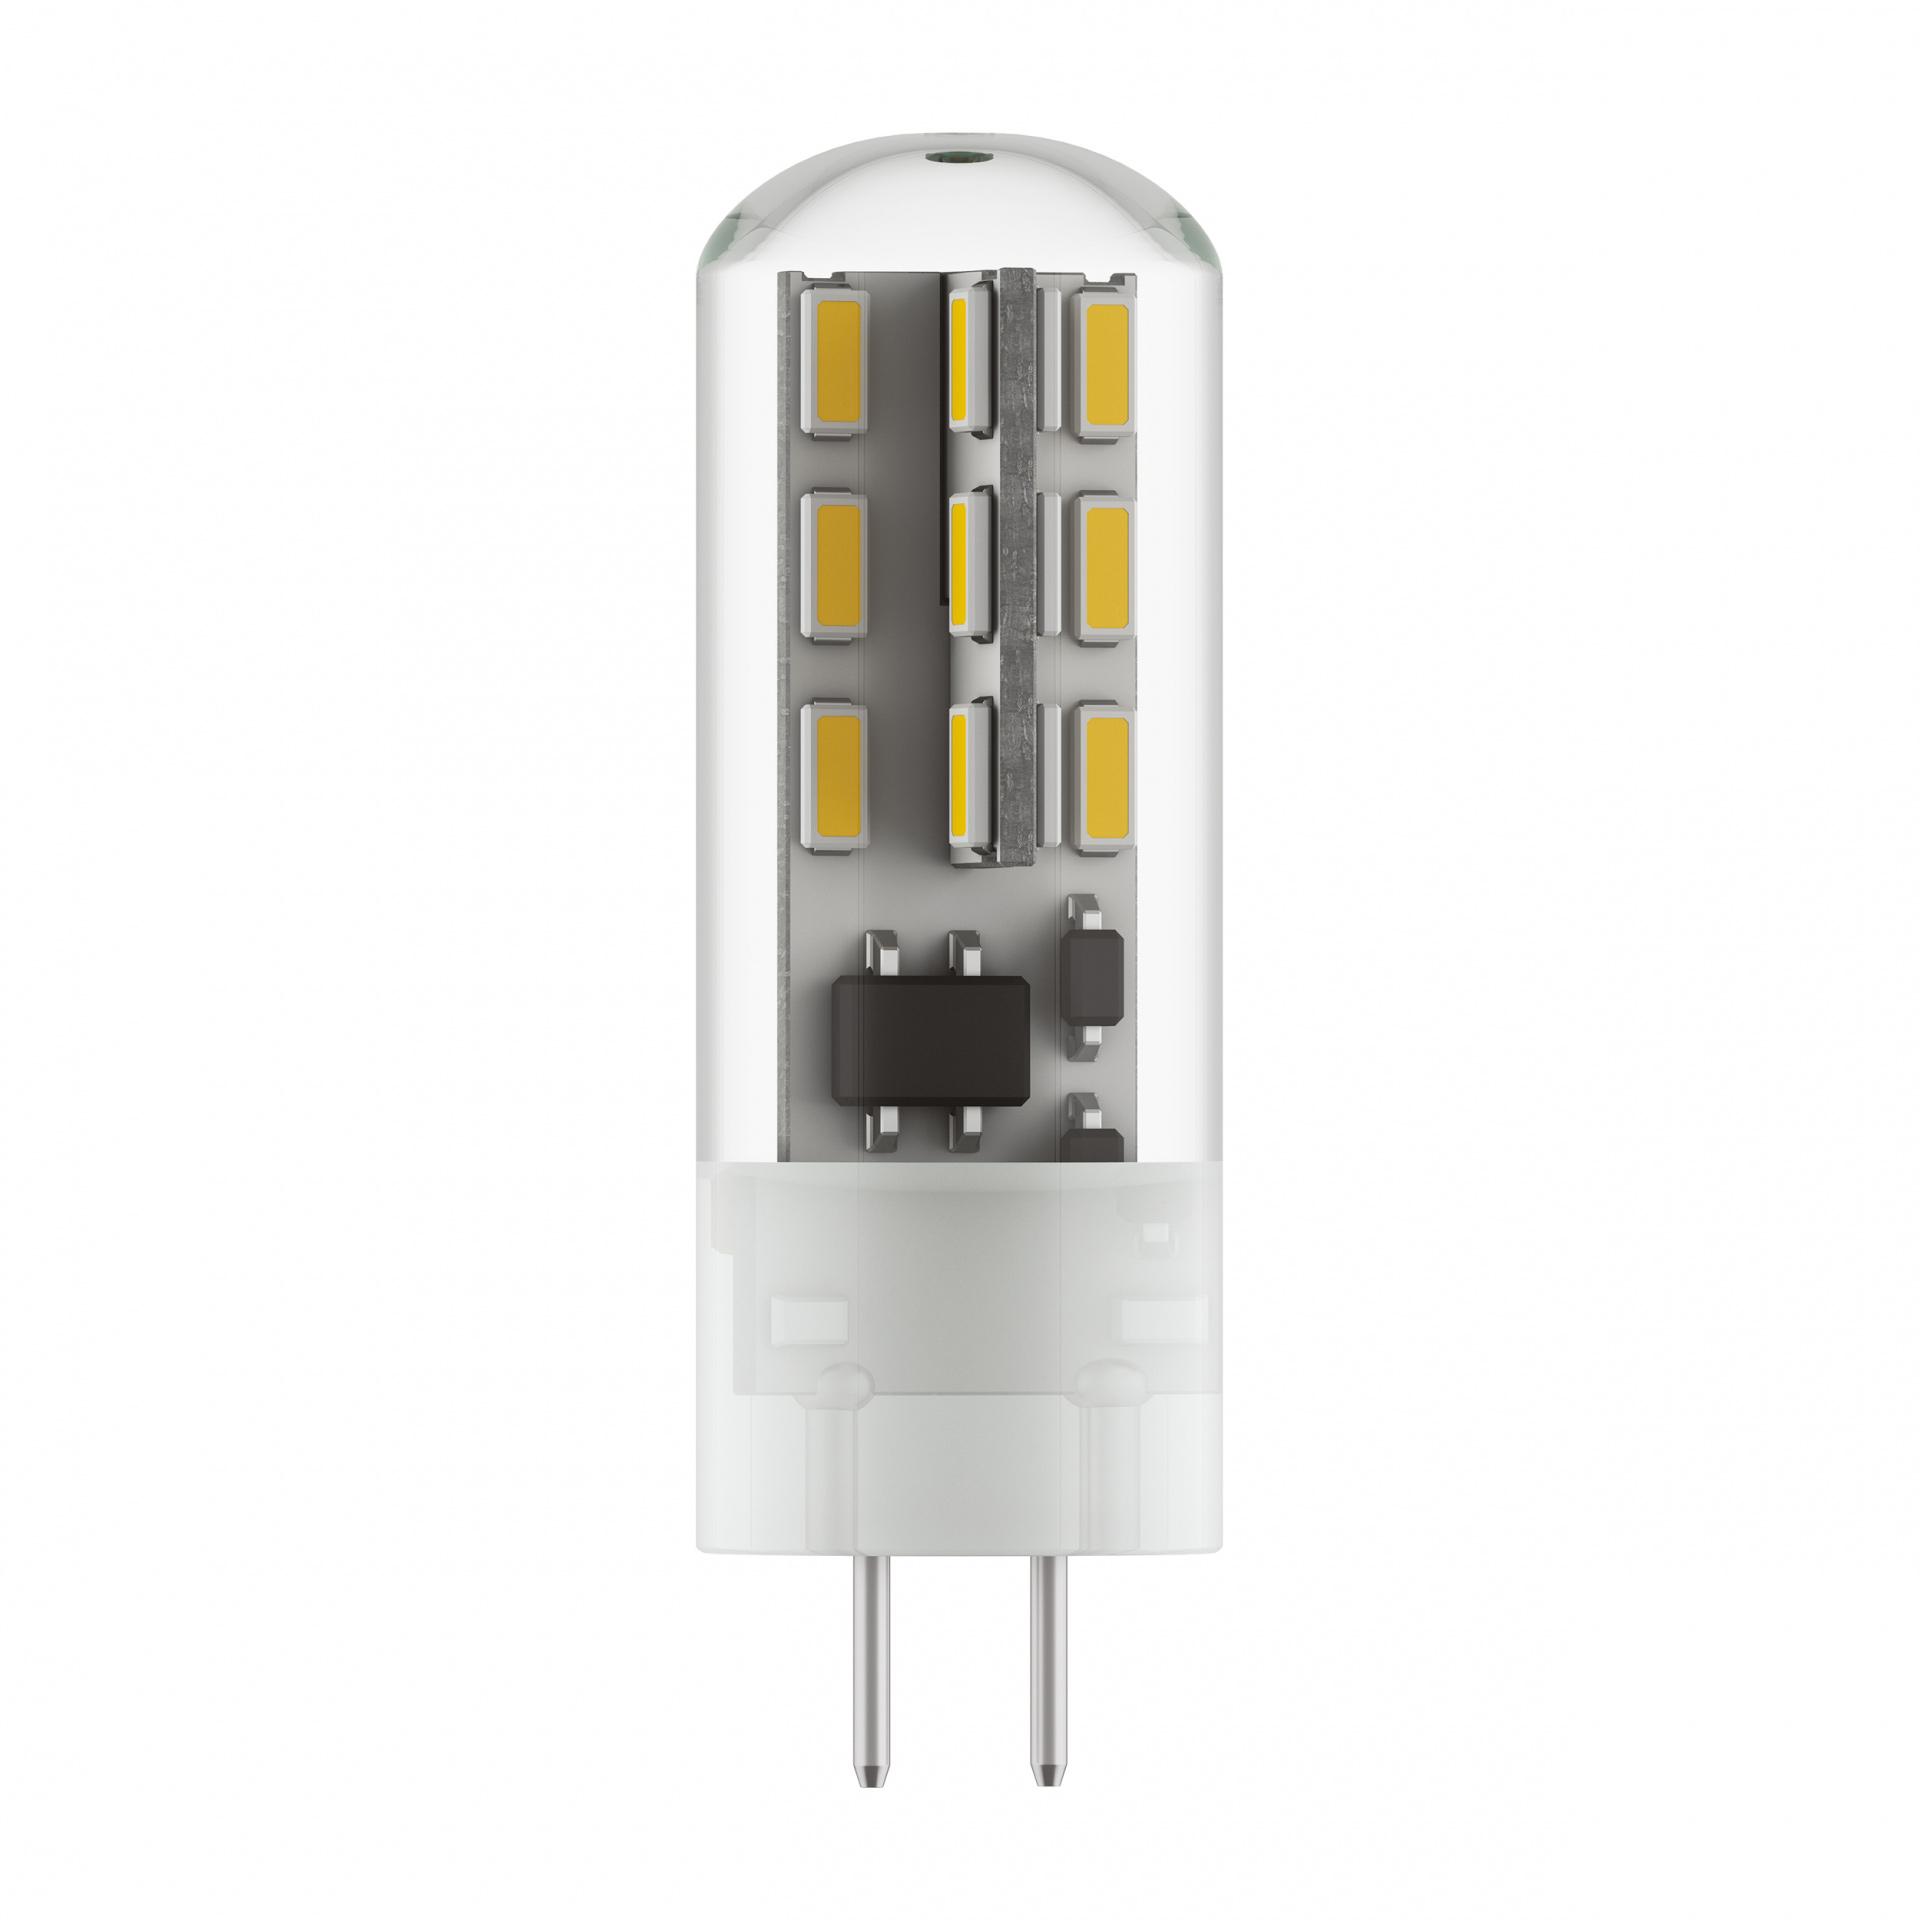 Лампа LED 220V JC G4 1.5W=15W 80LM 360G 3000K 20000H Lightstar 932702, купить в СПб, Москве, с доставкой, Санкт-Петербург, интернет-магазин люстр и светильников Starlight, фото в жизни